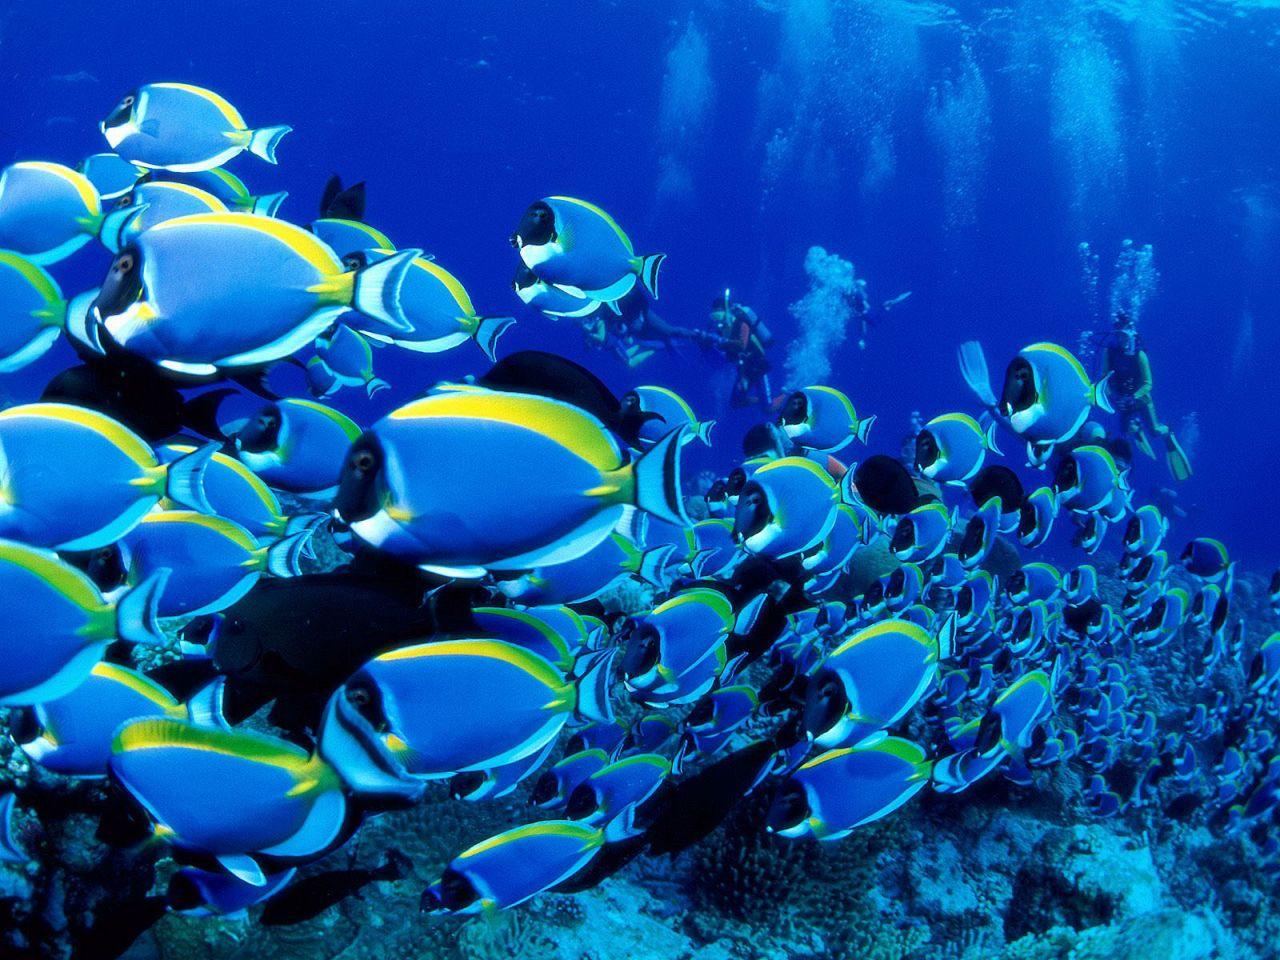 http://2.bp.blogspot.com/-rcI9QP1fvpQ/T_A_Lh2lWDI/AAAAAAAADc4/WmZXdRyVH0Q/s1600/Blue+tang+fish+wallpapers.jpg